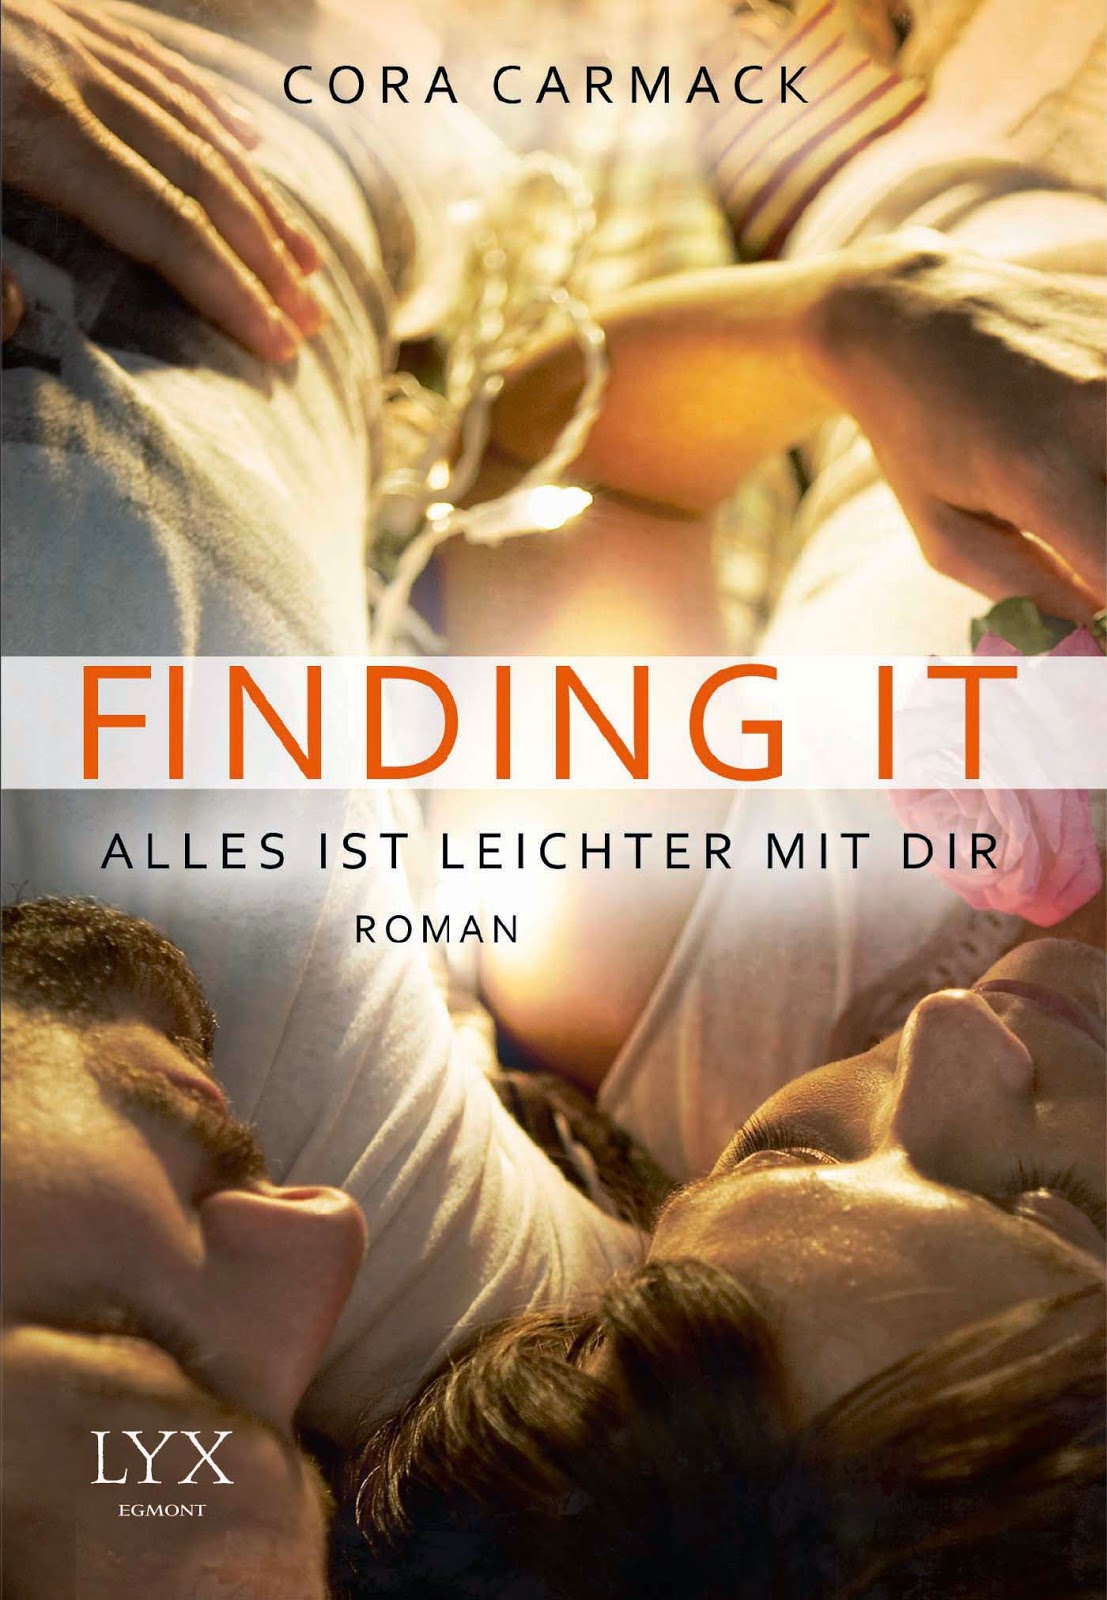 http://www.egmont-lyx.de/buch/finding-it-alles-ist-leichter-mit-dir/